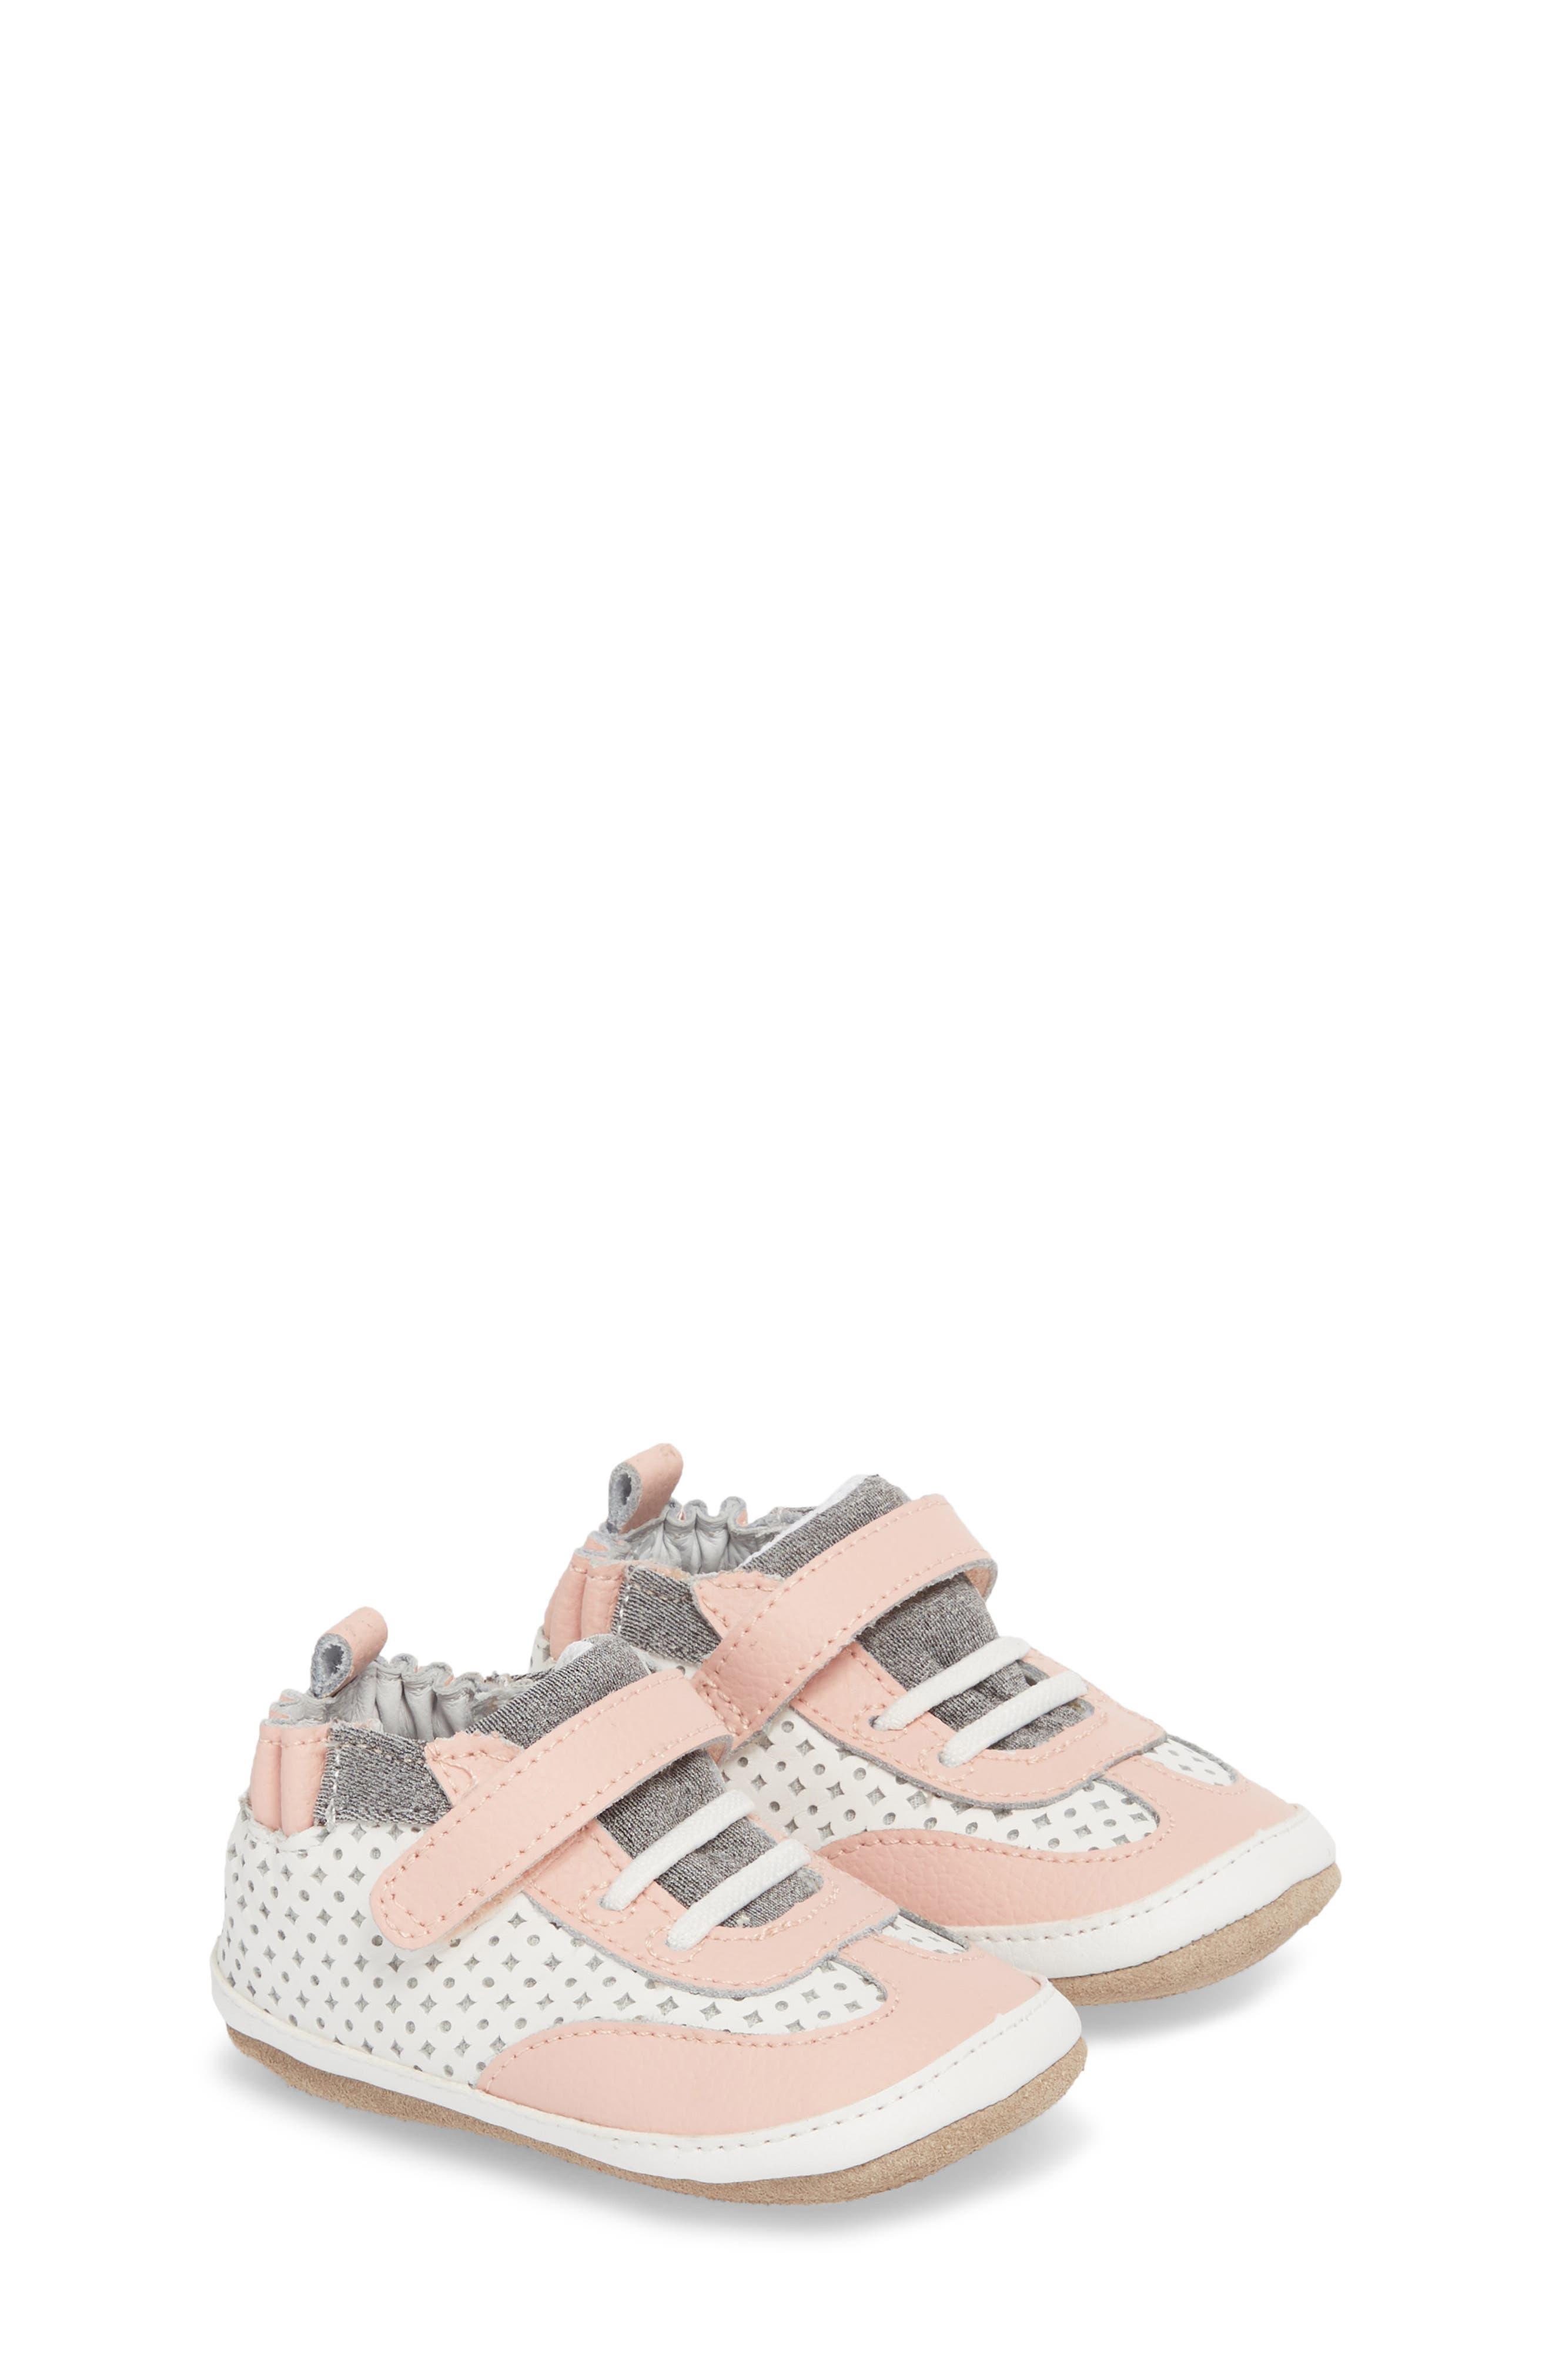 Mini Shoez Katie's Kicks Sneaker,                             Alternate thumbnail 3, color,                             Pink